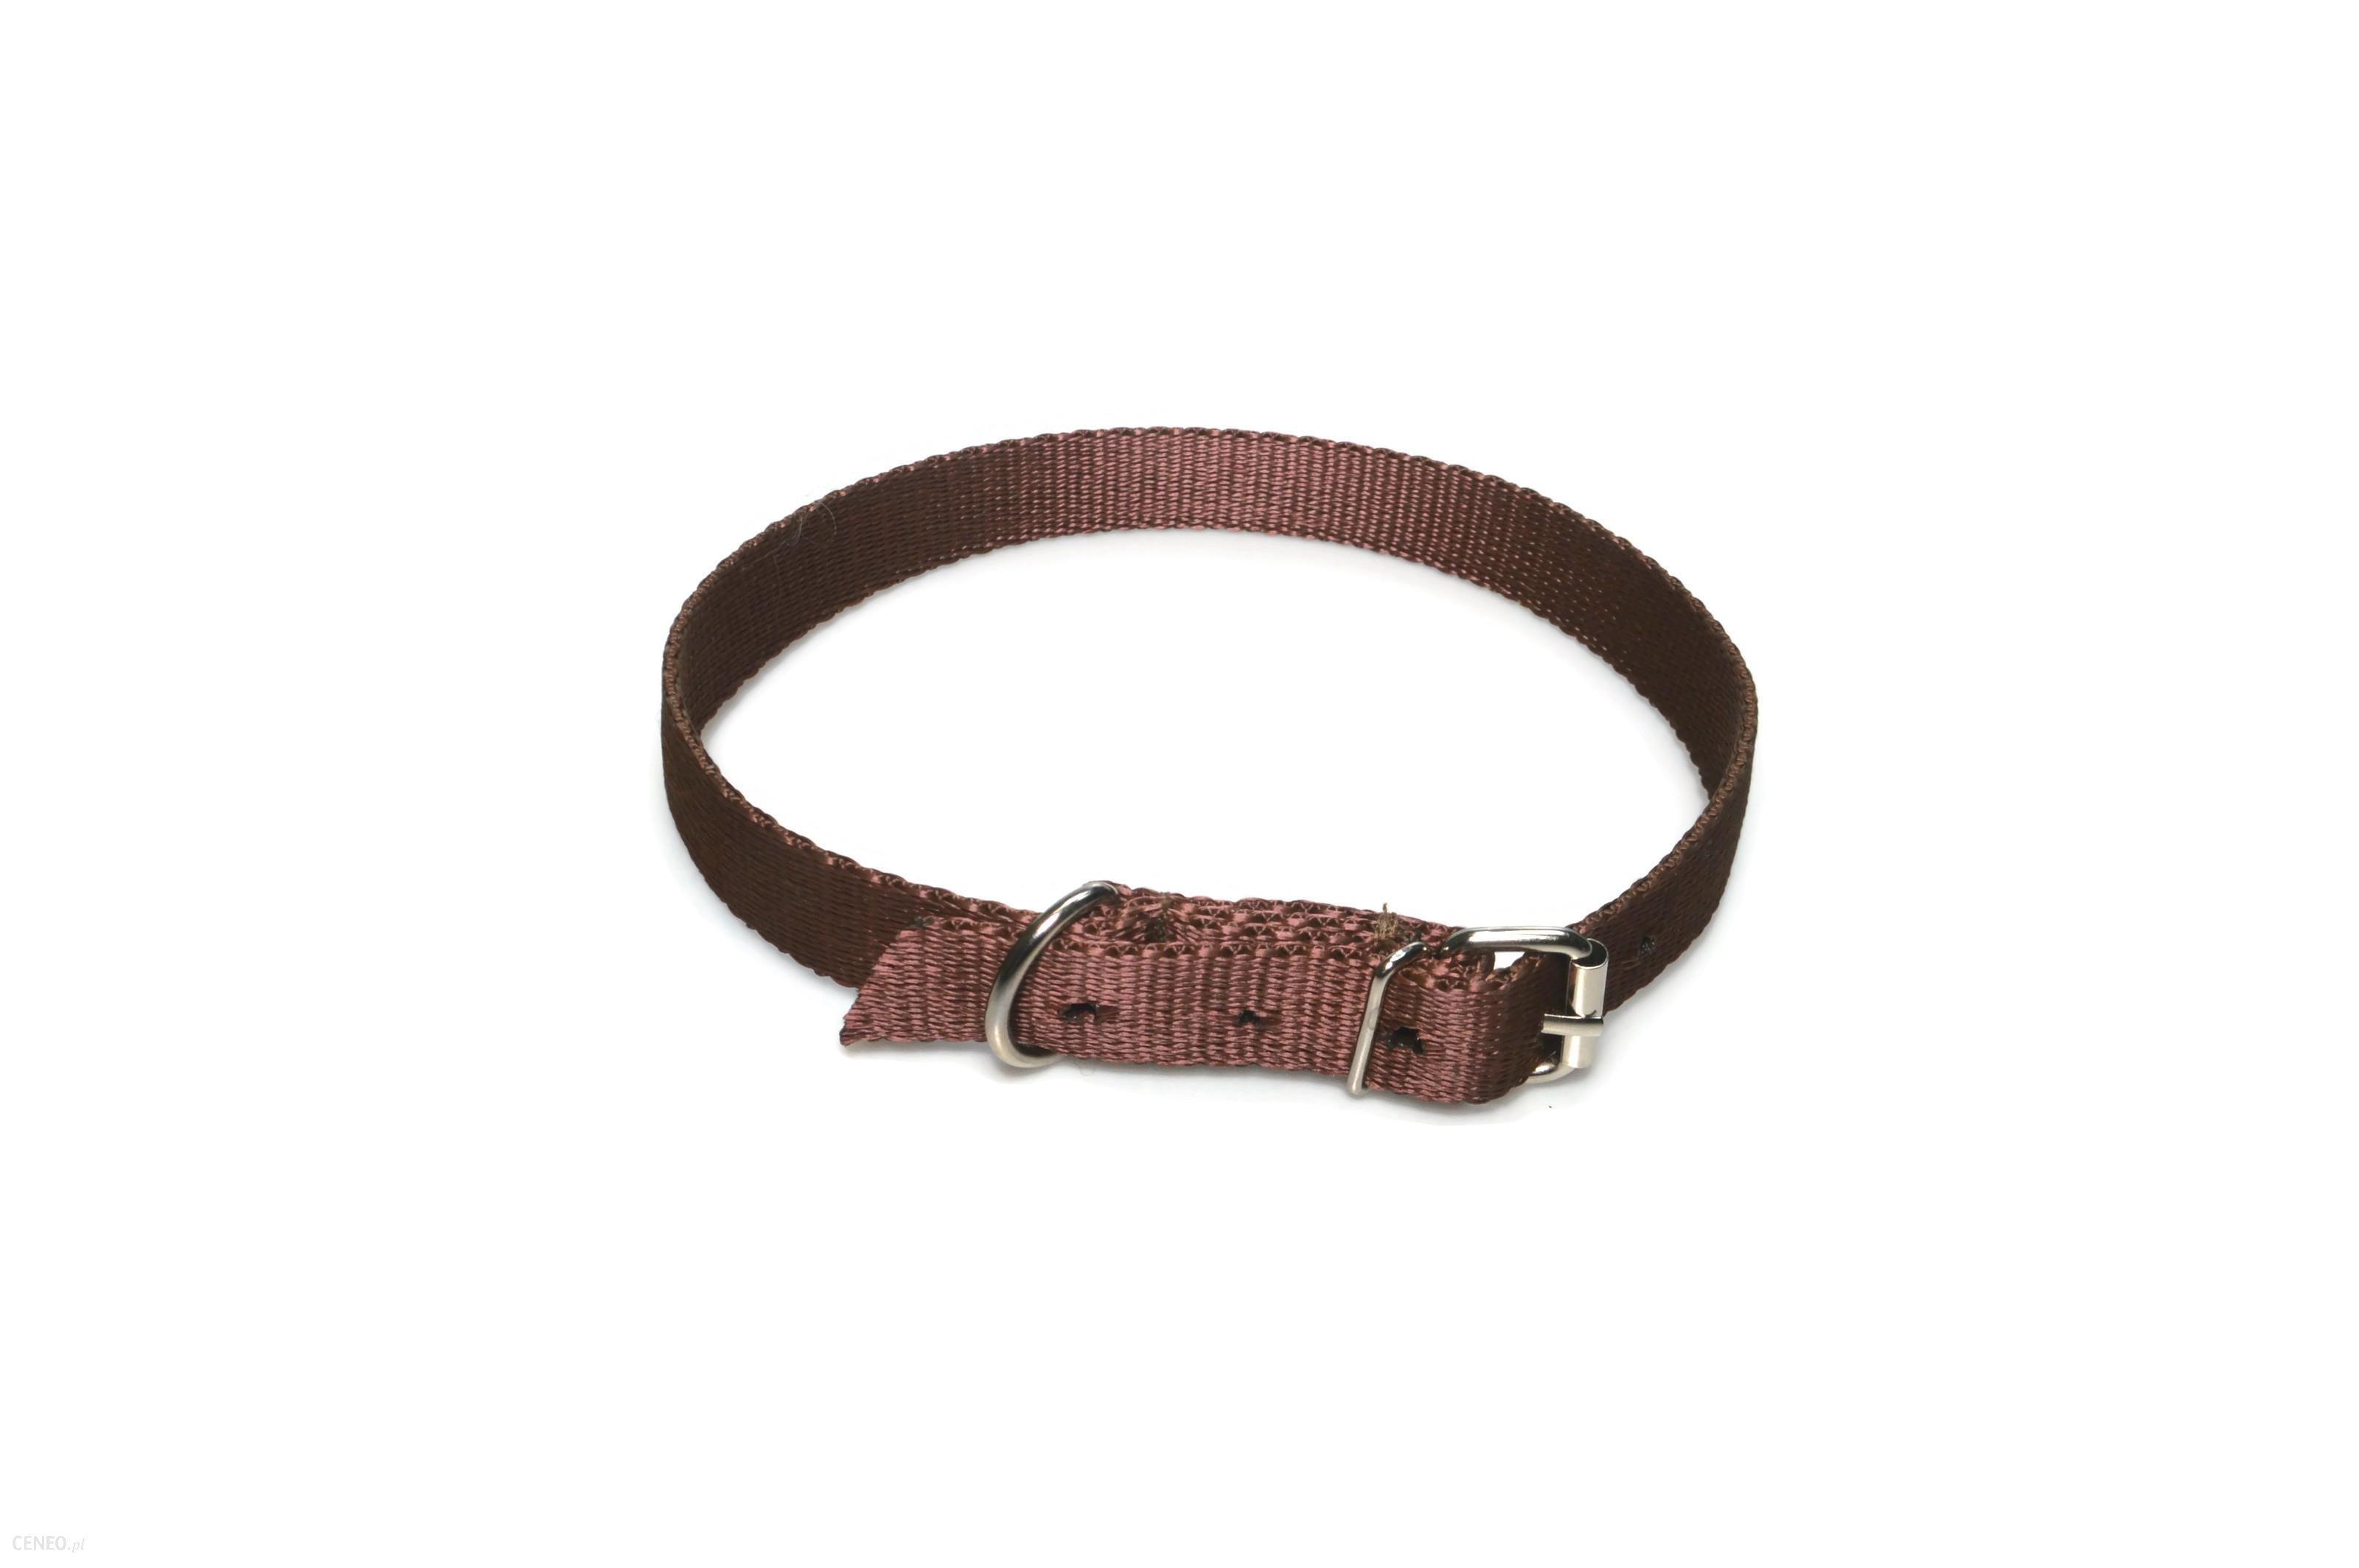 Alizoo Obroża dla dużego psa 25mm/44-59cm z metalową klamerką - (A011) Brązowy